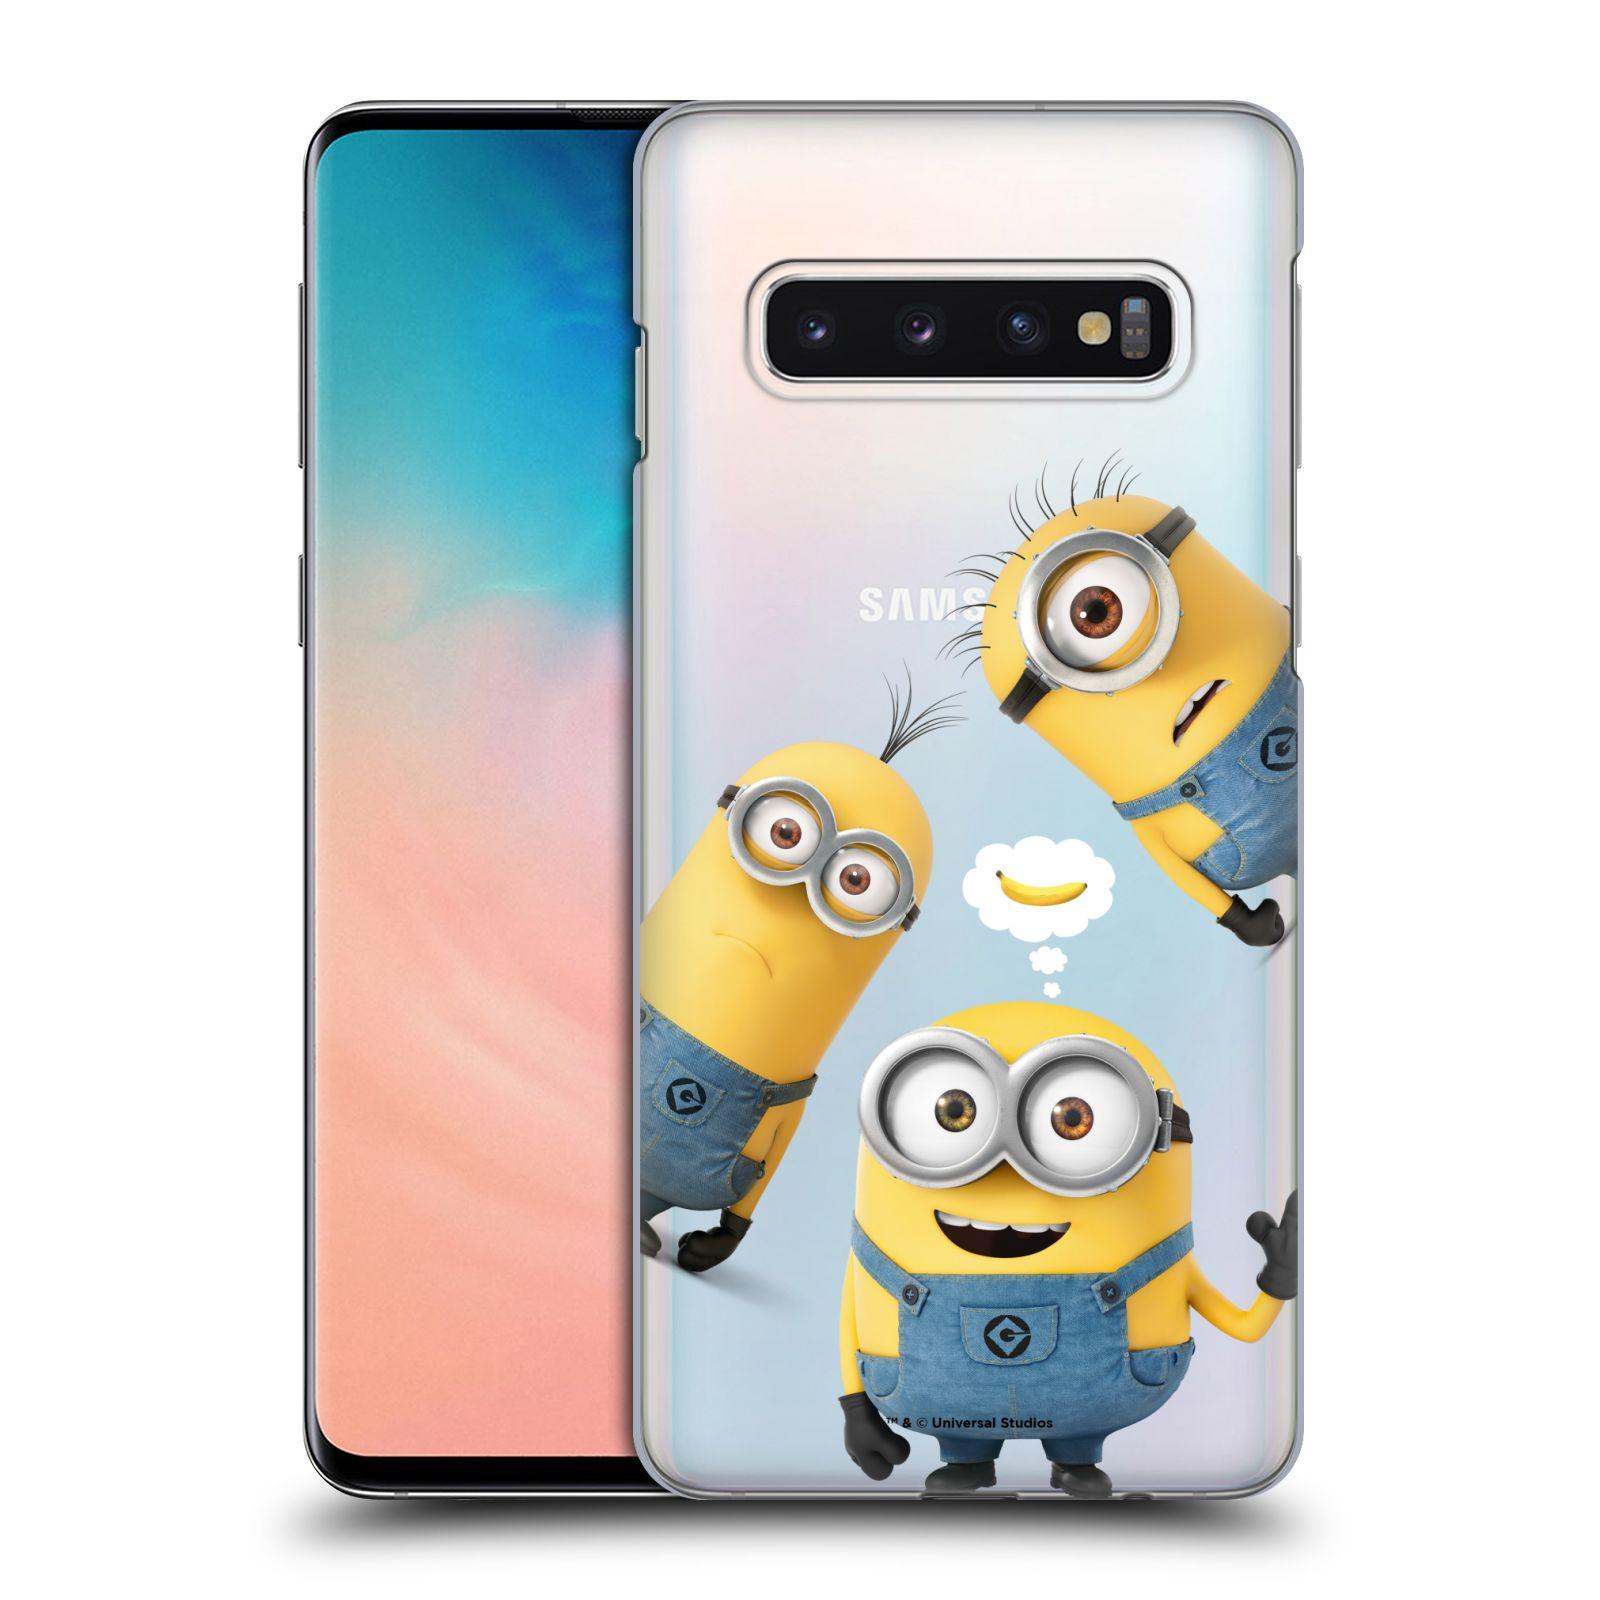 Plastové pouzdro na mobil Samsung Galaxy S10 - Head Case - Mimoni Banana z filmu Já, padouch - Despicable Me